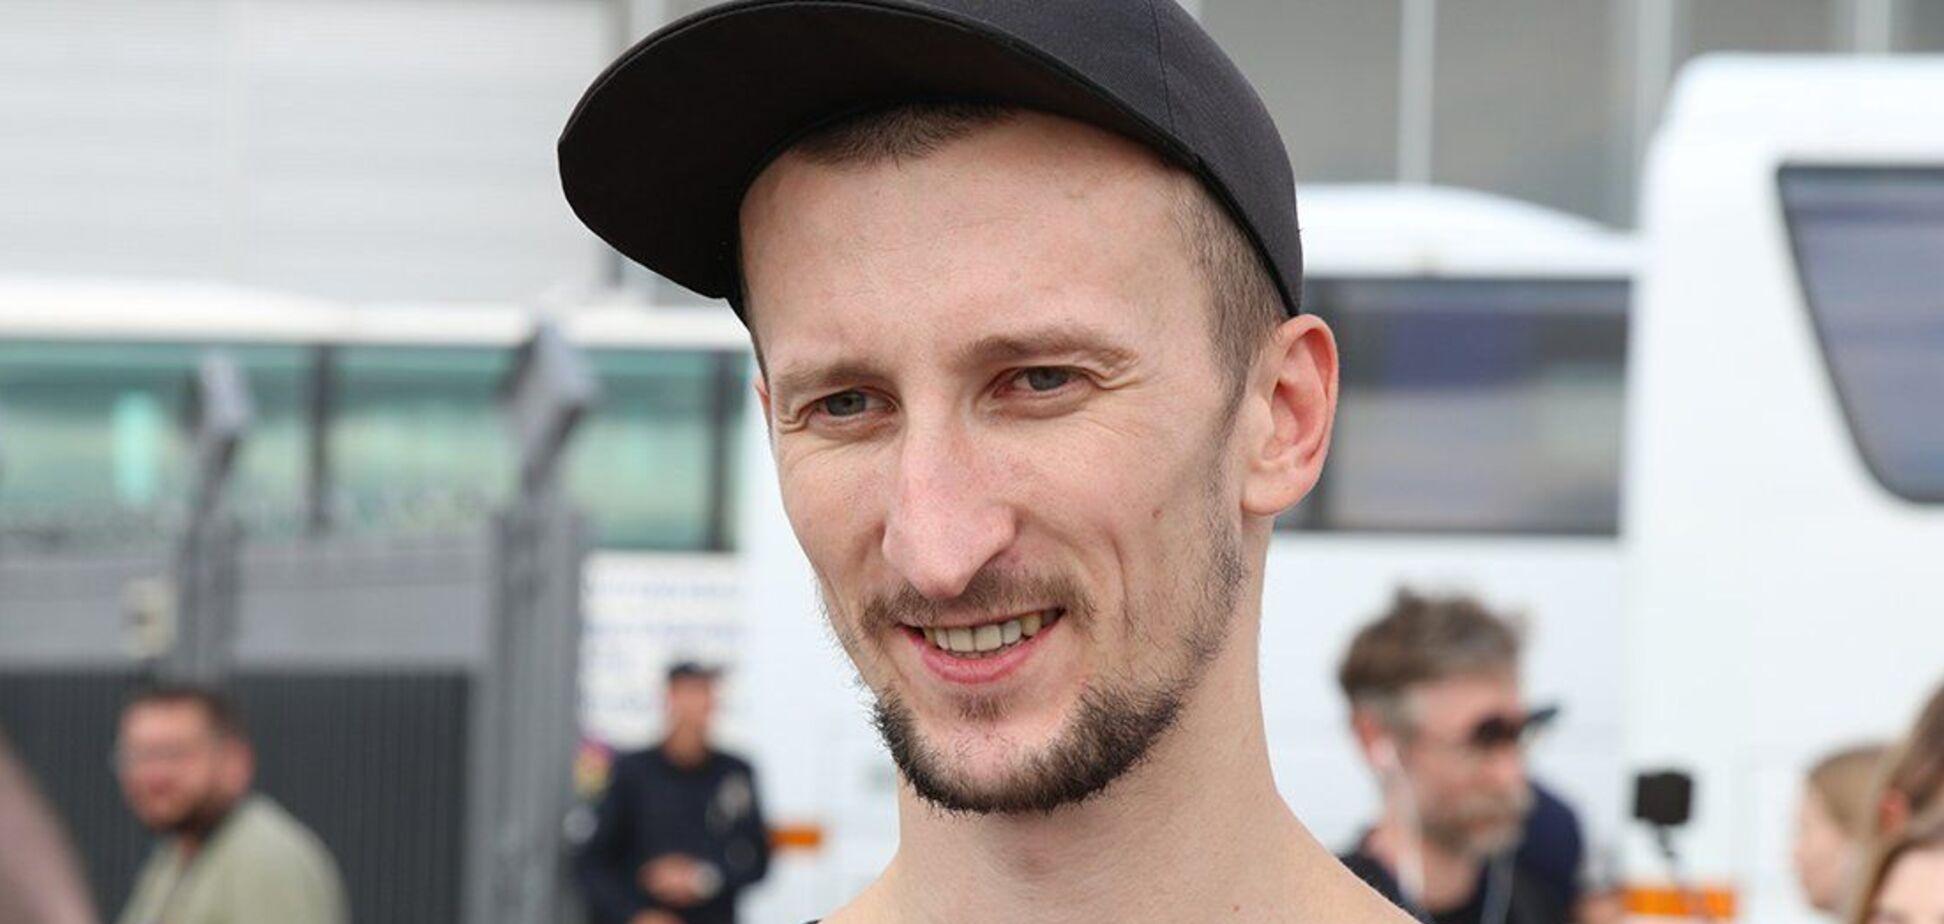 Олександра Кольченка визнали винним у хуліганстві під посольством Білорусі в Києві